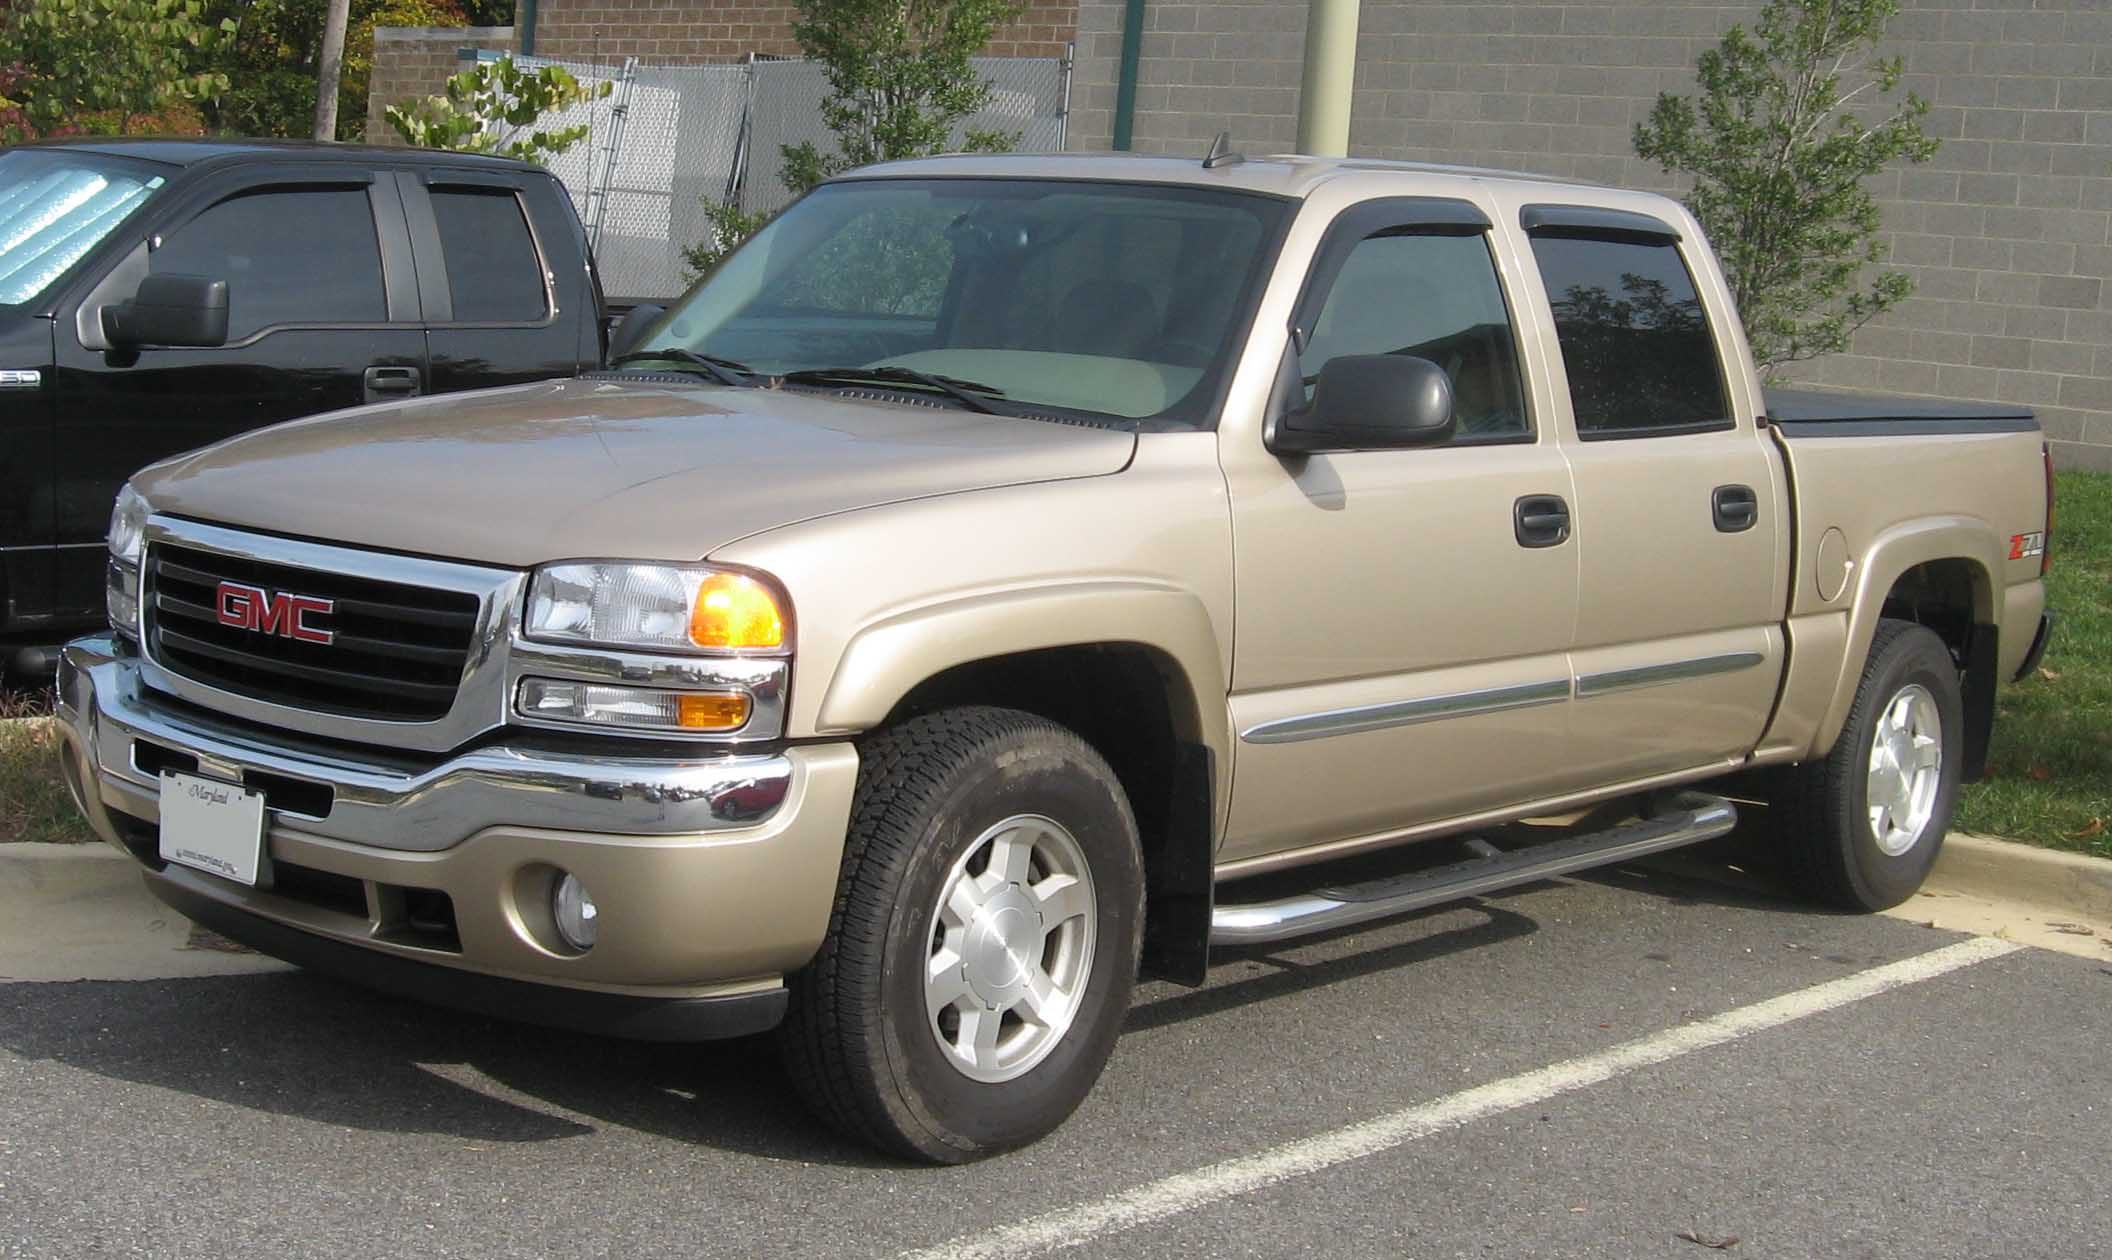 06 GMC Sierra